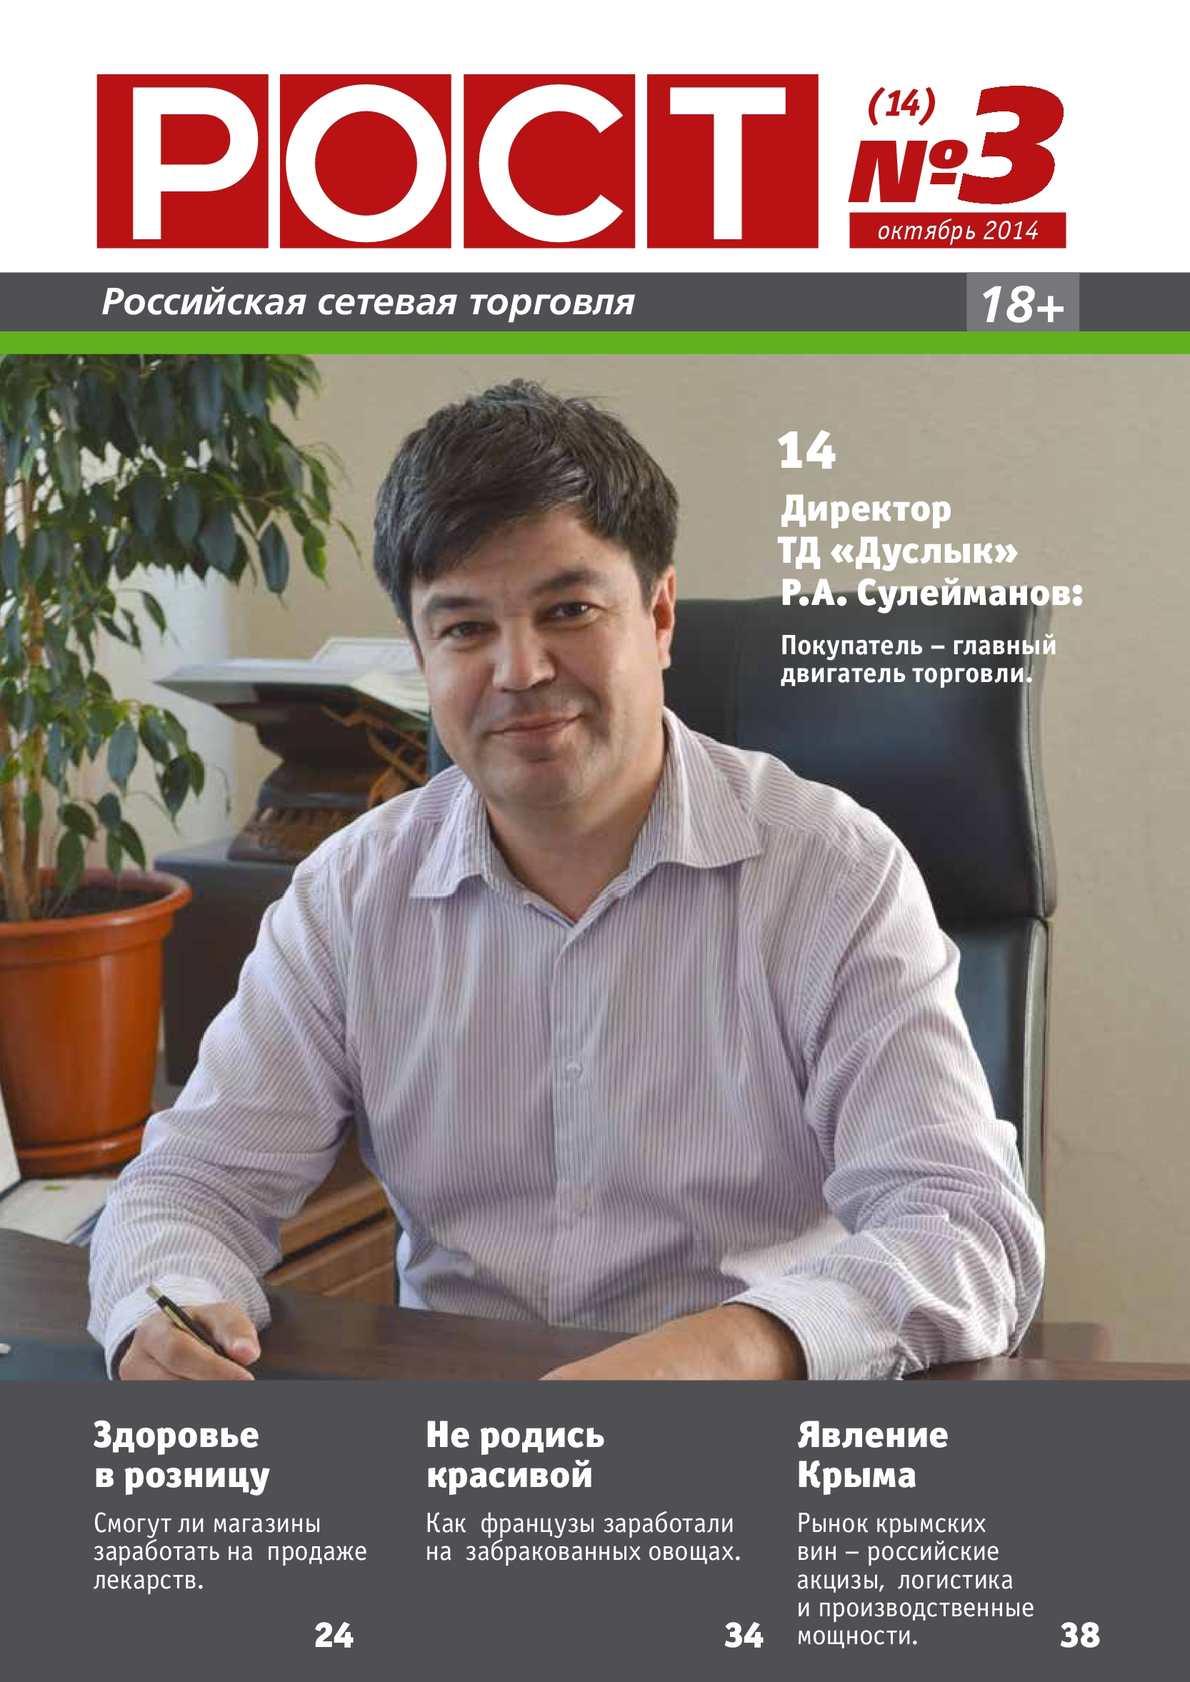 РОСТ. Российская сетевая торговля #3(14), Октябрь2014